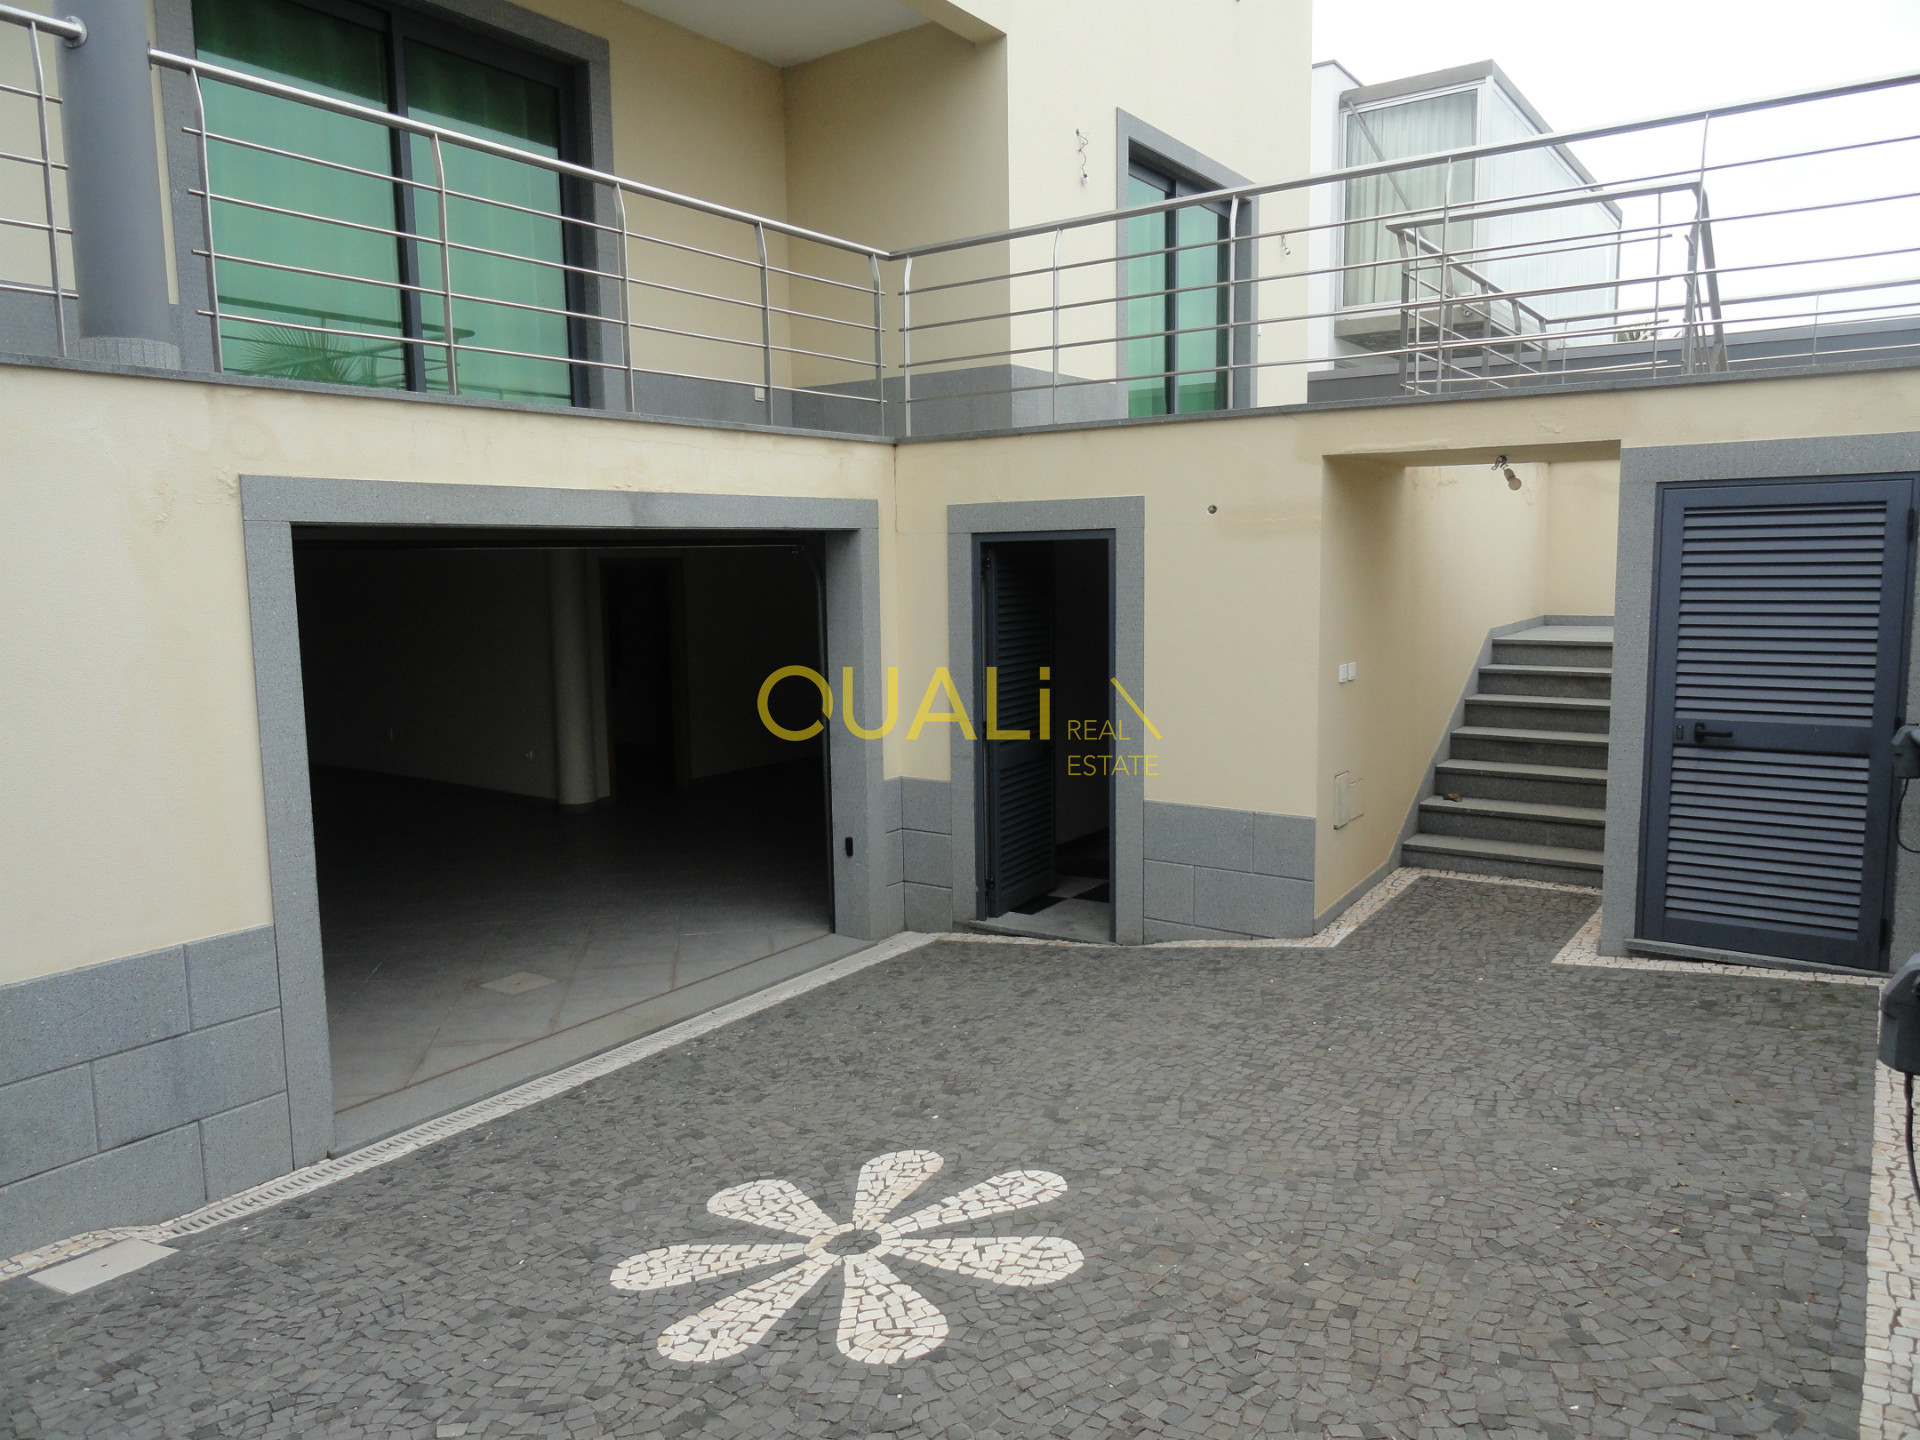 Villa con 4 camere da letto, situata a Santo António, €490.000,00